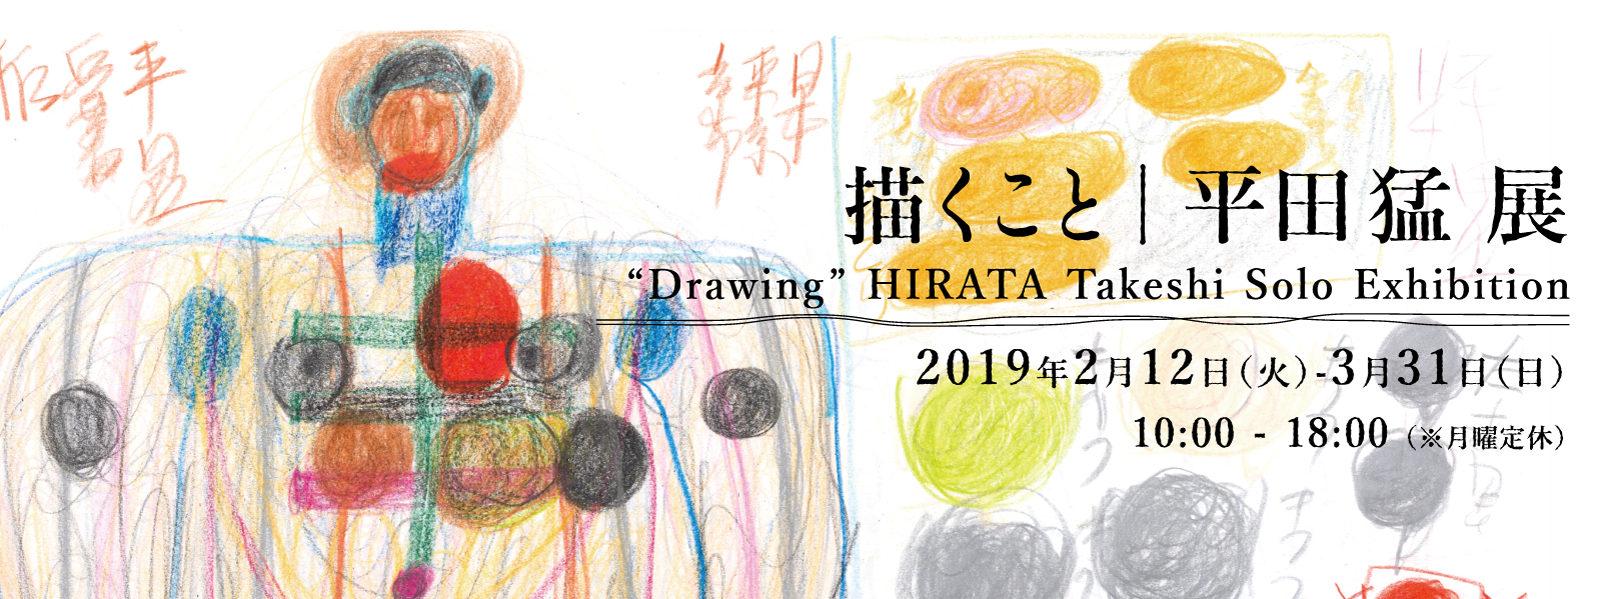 描くこと|平田猛 展 2019.2.12-2019.3.31